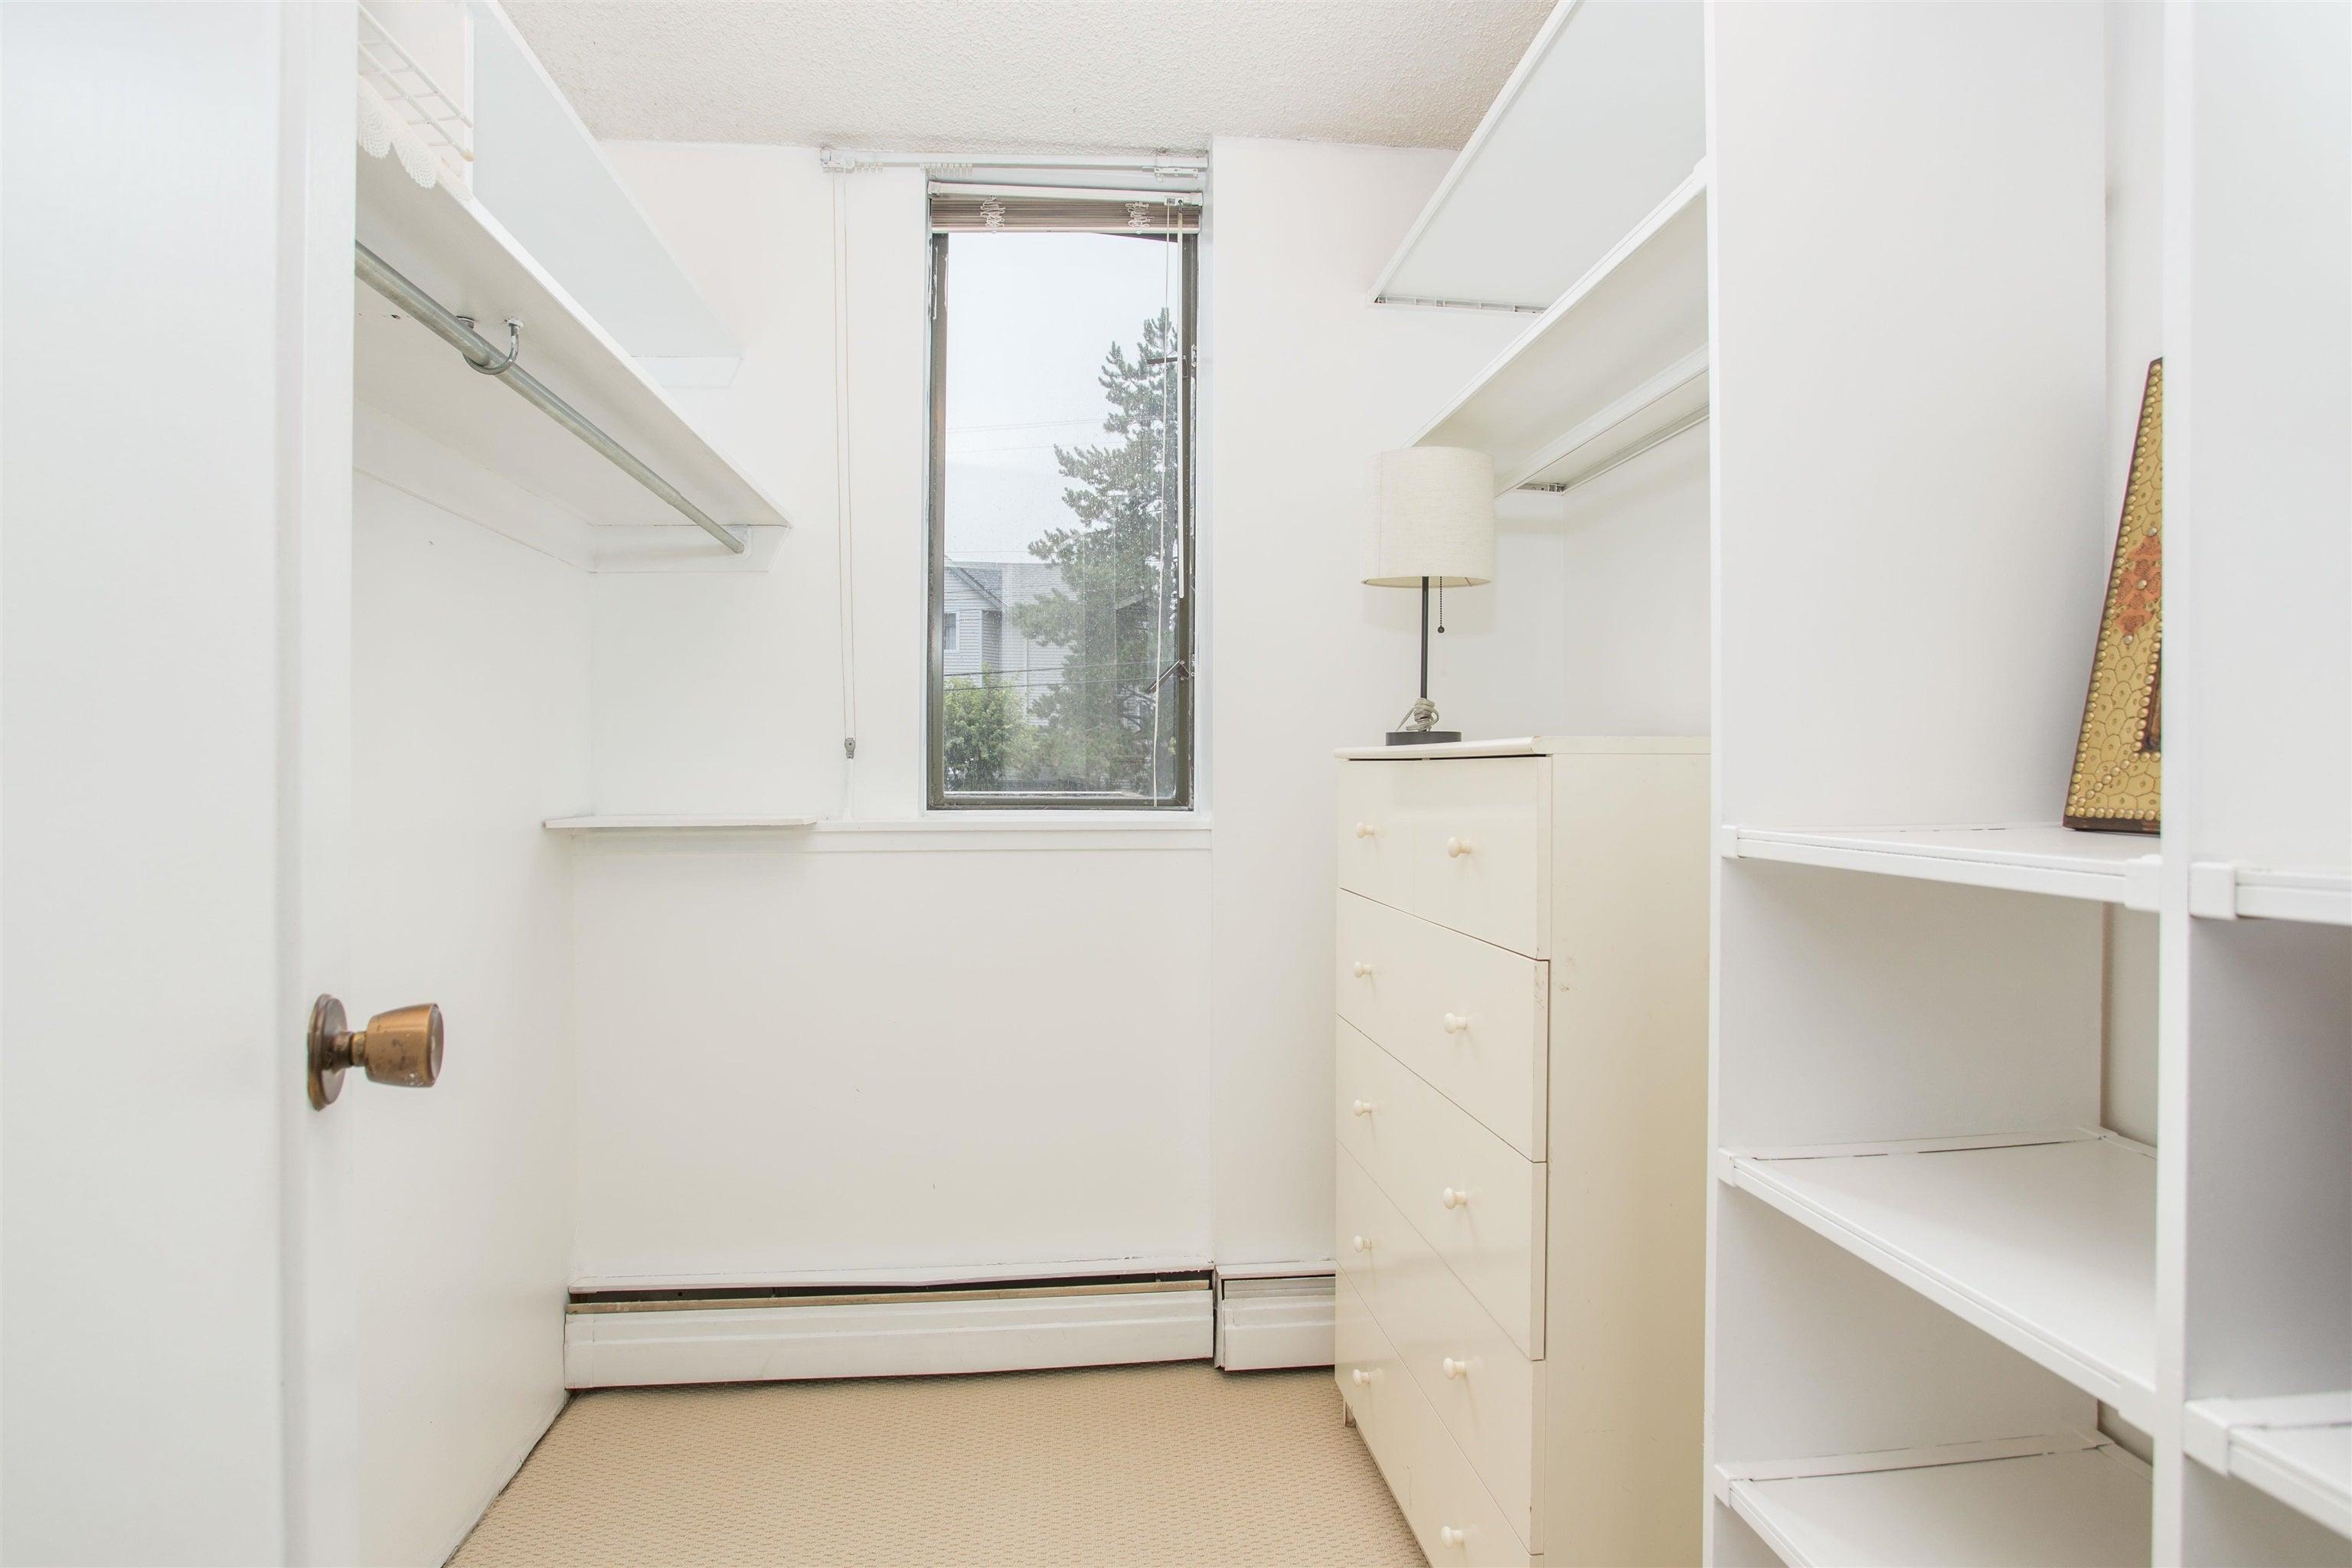 203 1390 DUCHESS AVENUE - Ambleside Apartment/Condo for sale, 1 Bedroom (R2611618) - #20